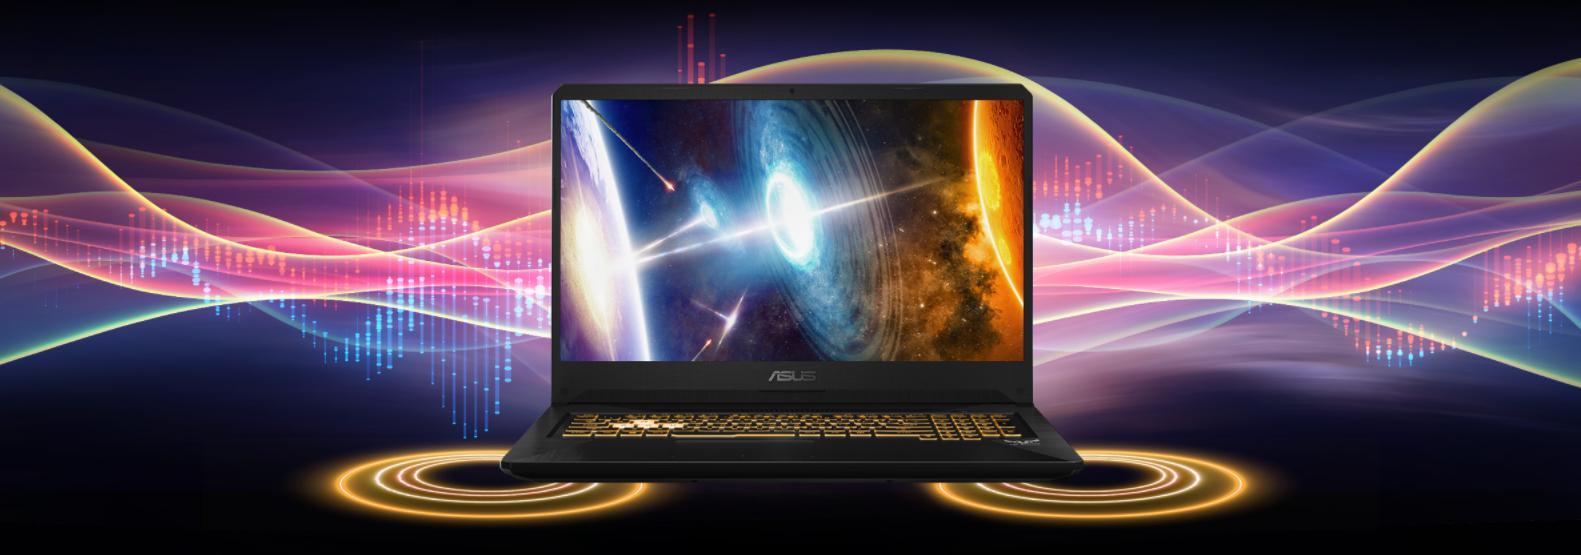 Đánh giá sản phẩm Laptop Asus TUF Gaming FX705GE-EW165T 6